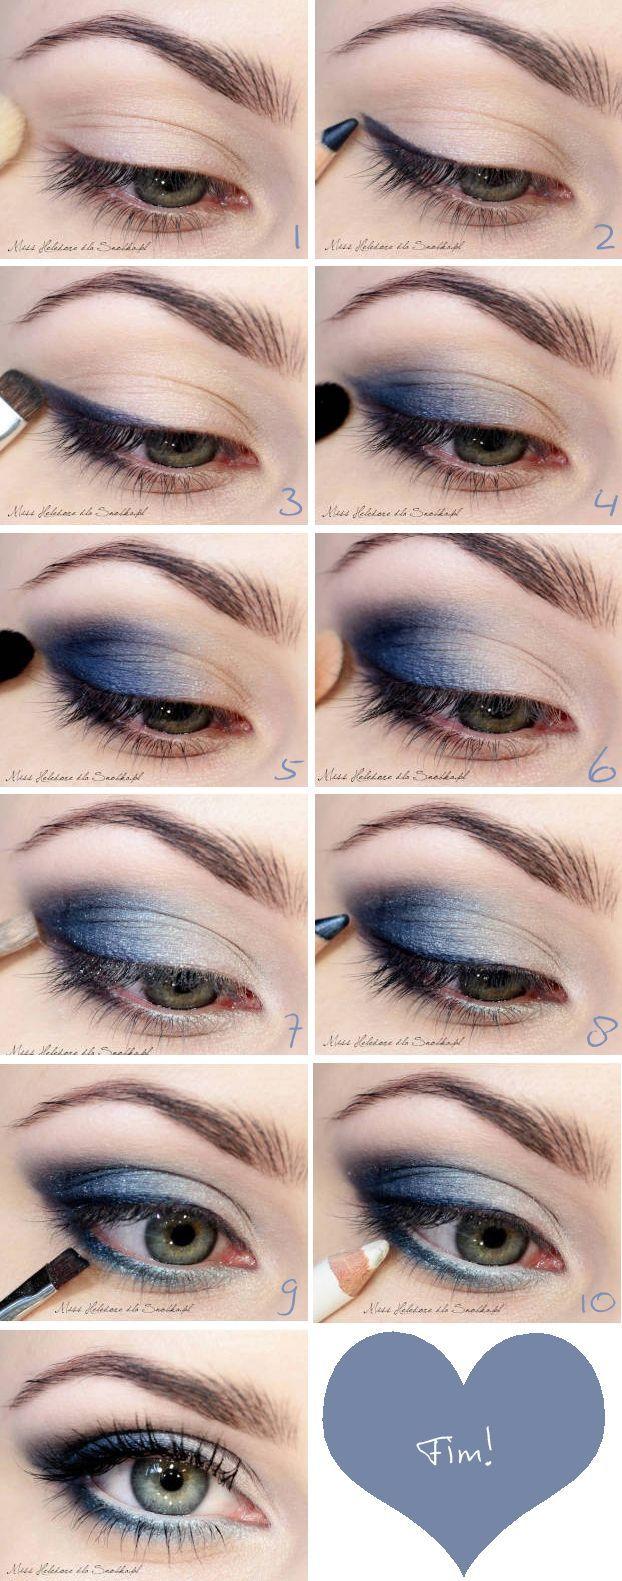 El maquillaje de ojos ahumados en azul, es igualmente uno de los mas utilizados para las reuniones u ocasiones de noche. Lo importante de este maquillaje es difuminar muy bien, de manera que quede impecable y parejo en ambos ojos.